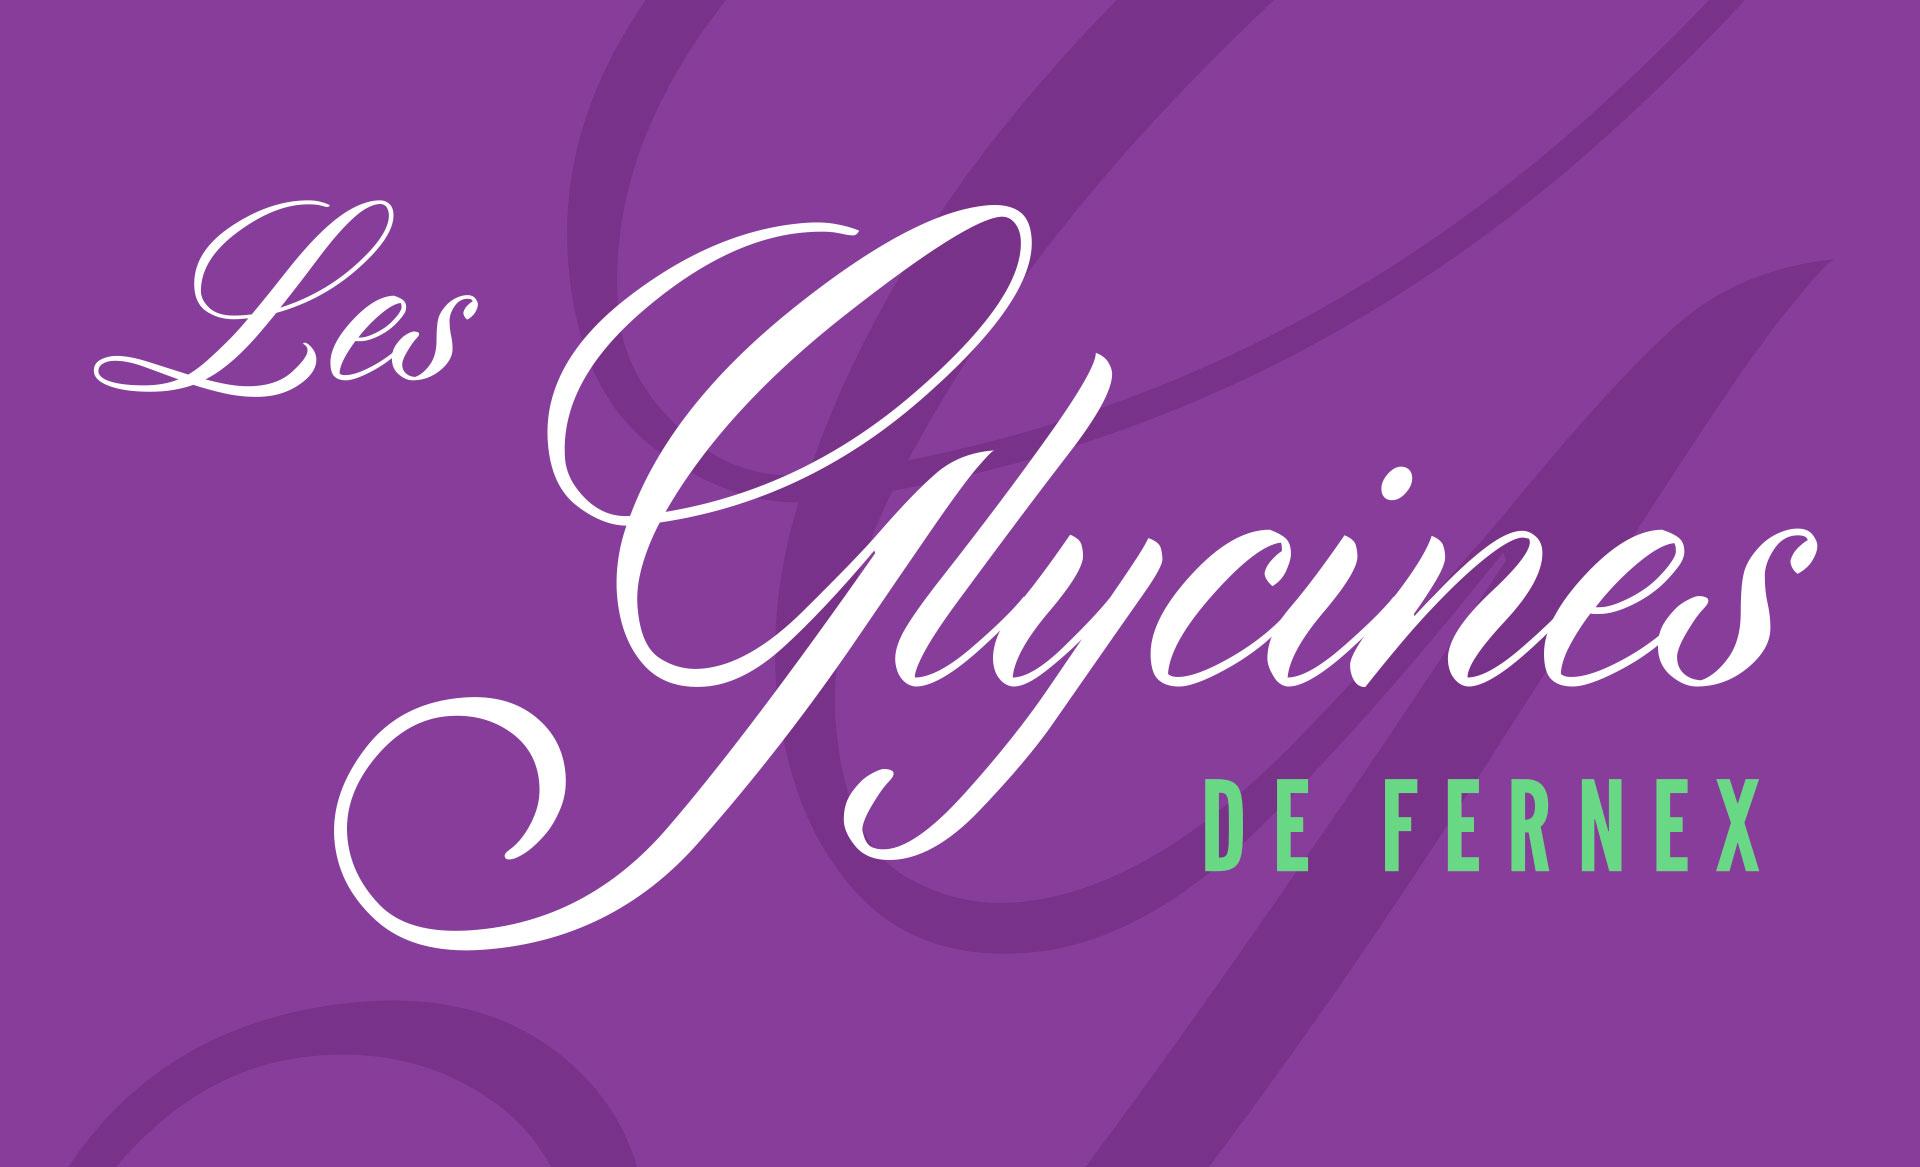 Les Glycines de Fernex, Jean-Charles GIEN, création de sites Internet à Mâcon (71) et Lyon (69)